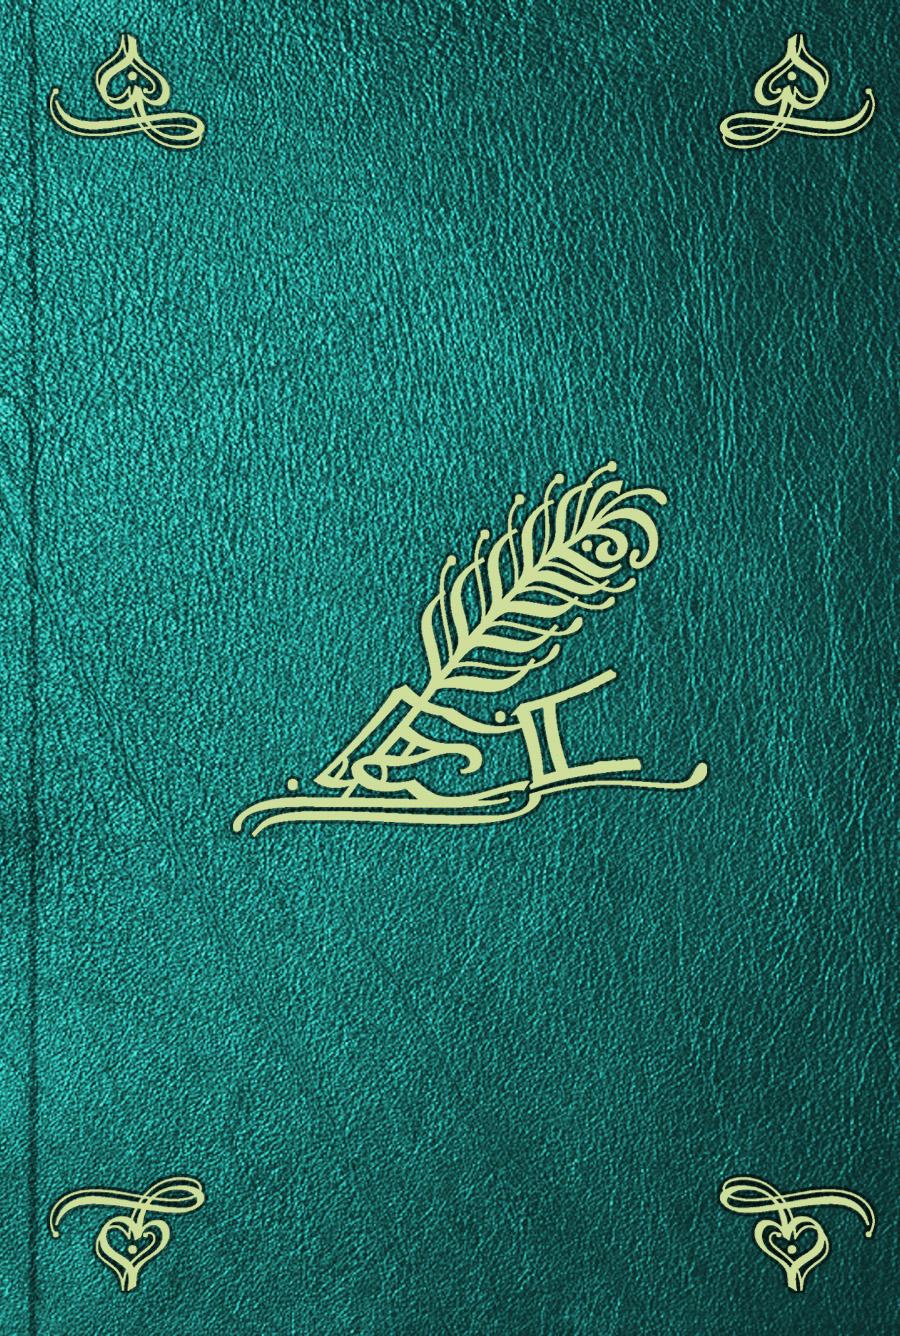 Johann Jacob Volkmann Historisch-kritische Nachrichten von Italien. Bd. 1 der zauberberg volume 1